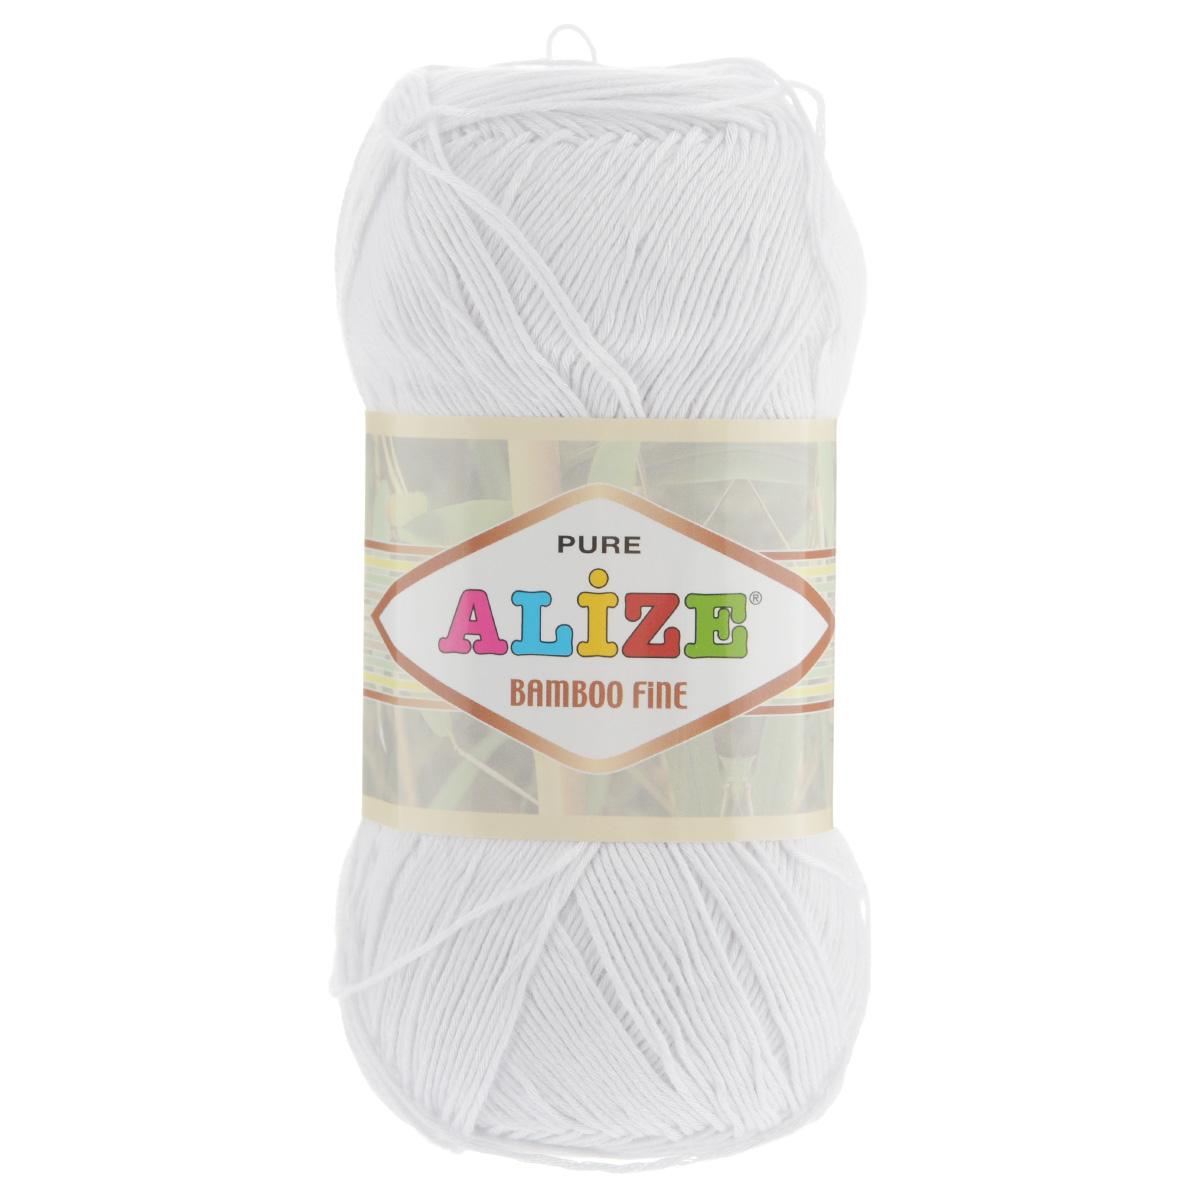 Пряжа для вязания Alize Bamboo Fine, цвет: белый (55), 440 м, 100 г, 5 шт688988_55Пряжа Alize Bamboo Fine подходит для ручного вязания детям и взрослым. Пряжа однотонная, приятная на ощупь, хорошо лежит в полотне. Изделия из такой нити получаются мягкие и красивые. Рекомендованные спицы 2,5-3,5 мм и крючок для вязания 1-3 мм. Состав: 100% бамбук.